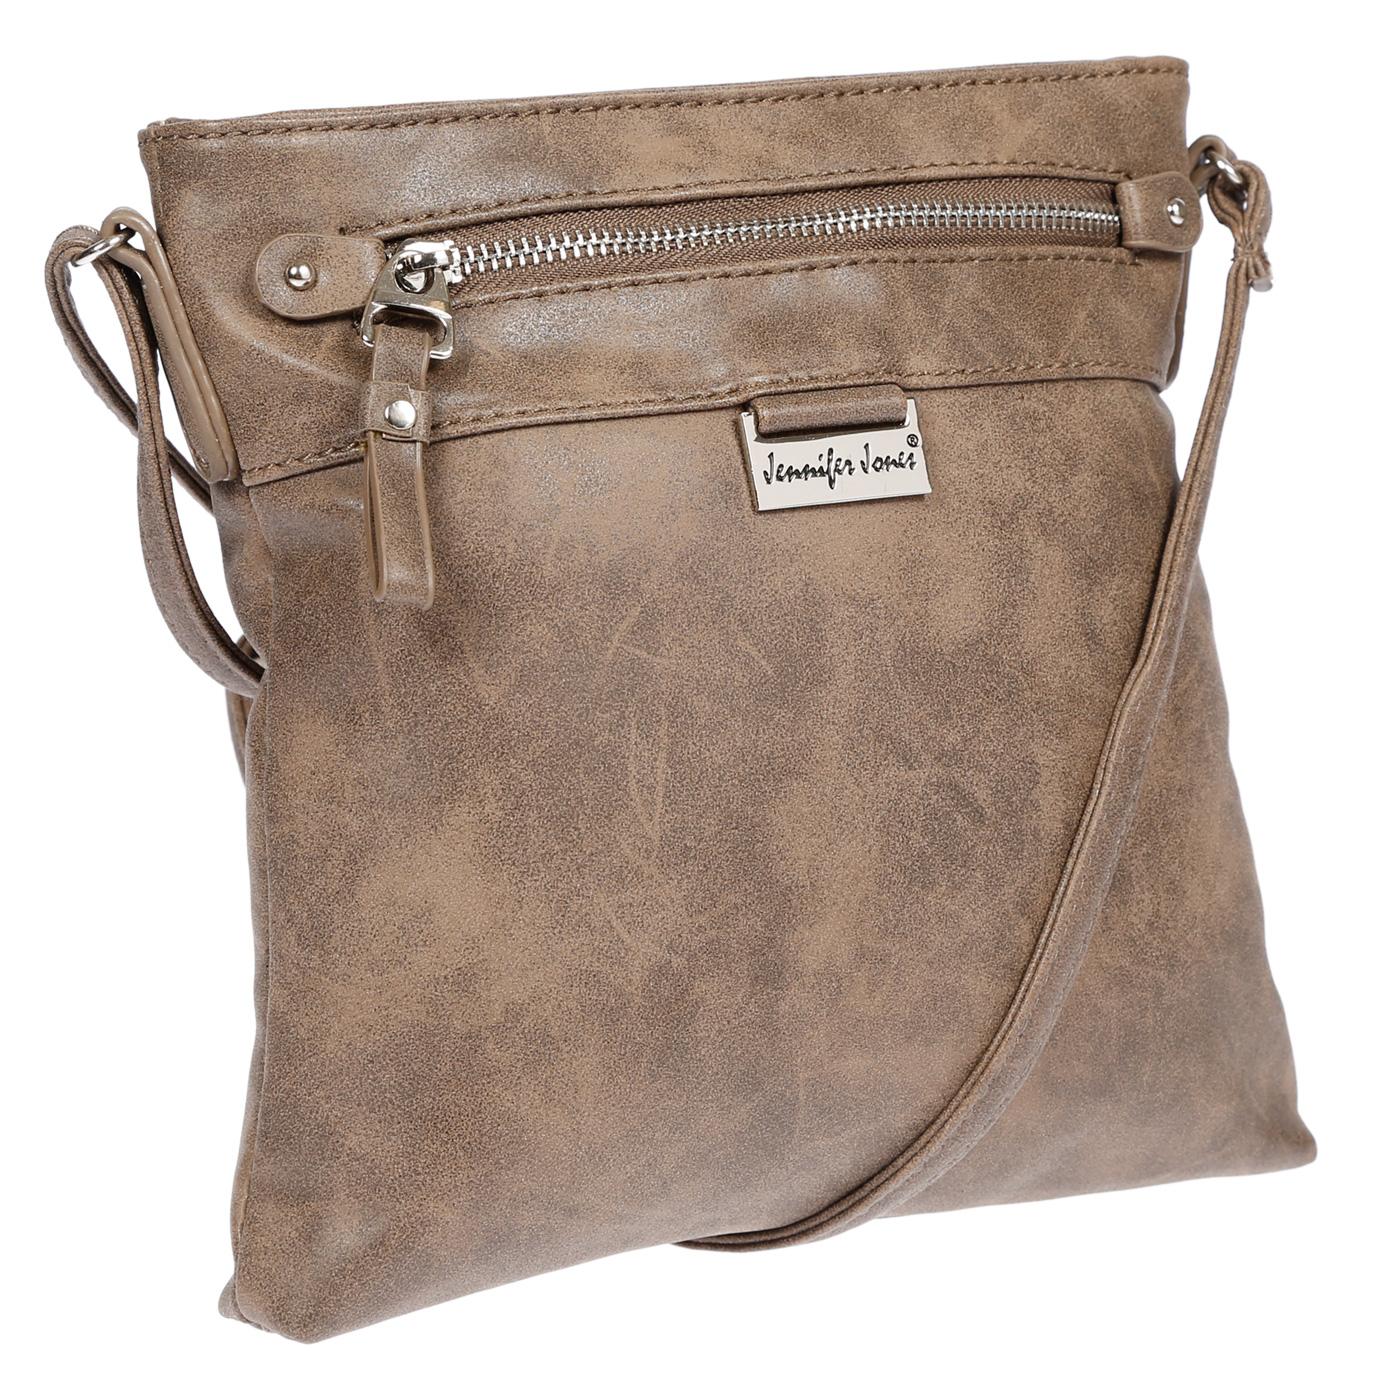 Damen-Handtasche-Umhaengetasche-Schultertasche-Tasche-Leder-Optik-Schwarz-Weiss Indexbild 17